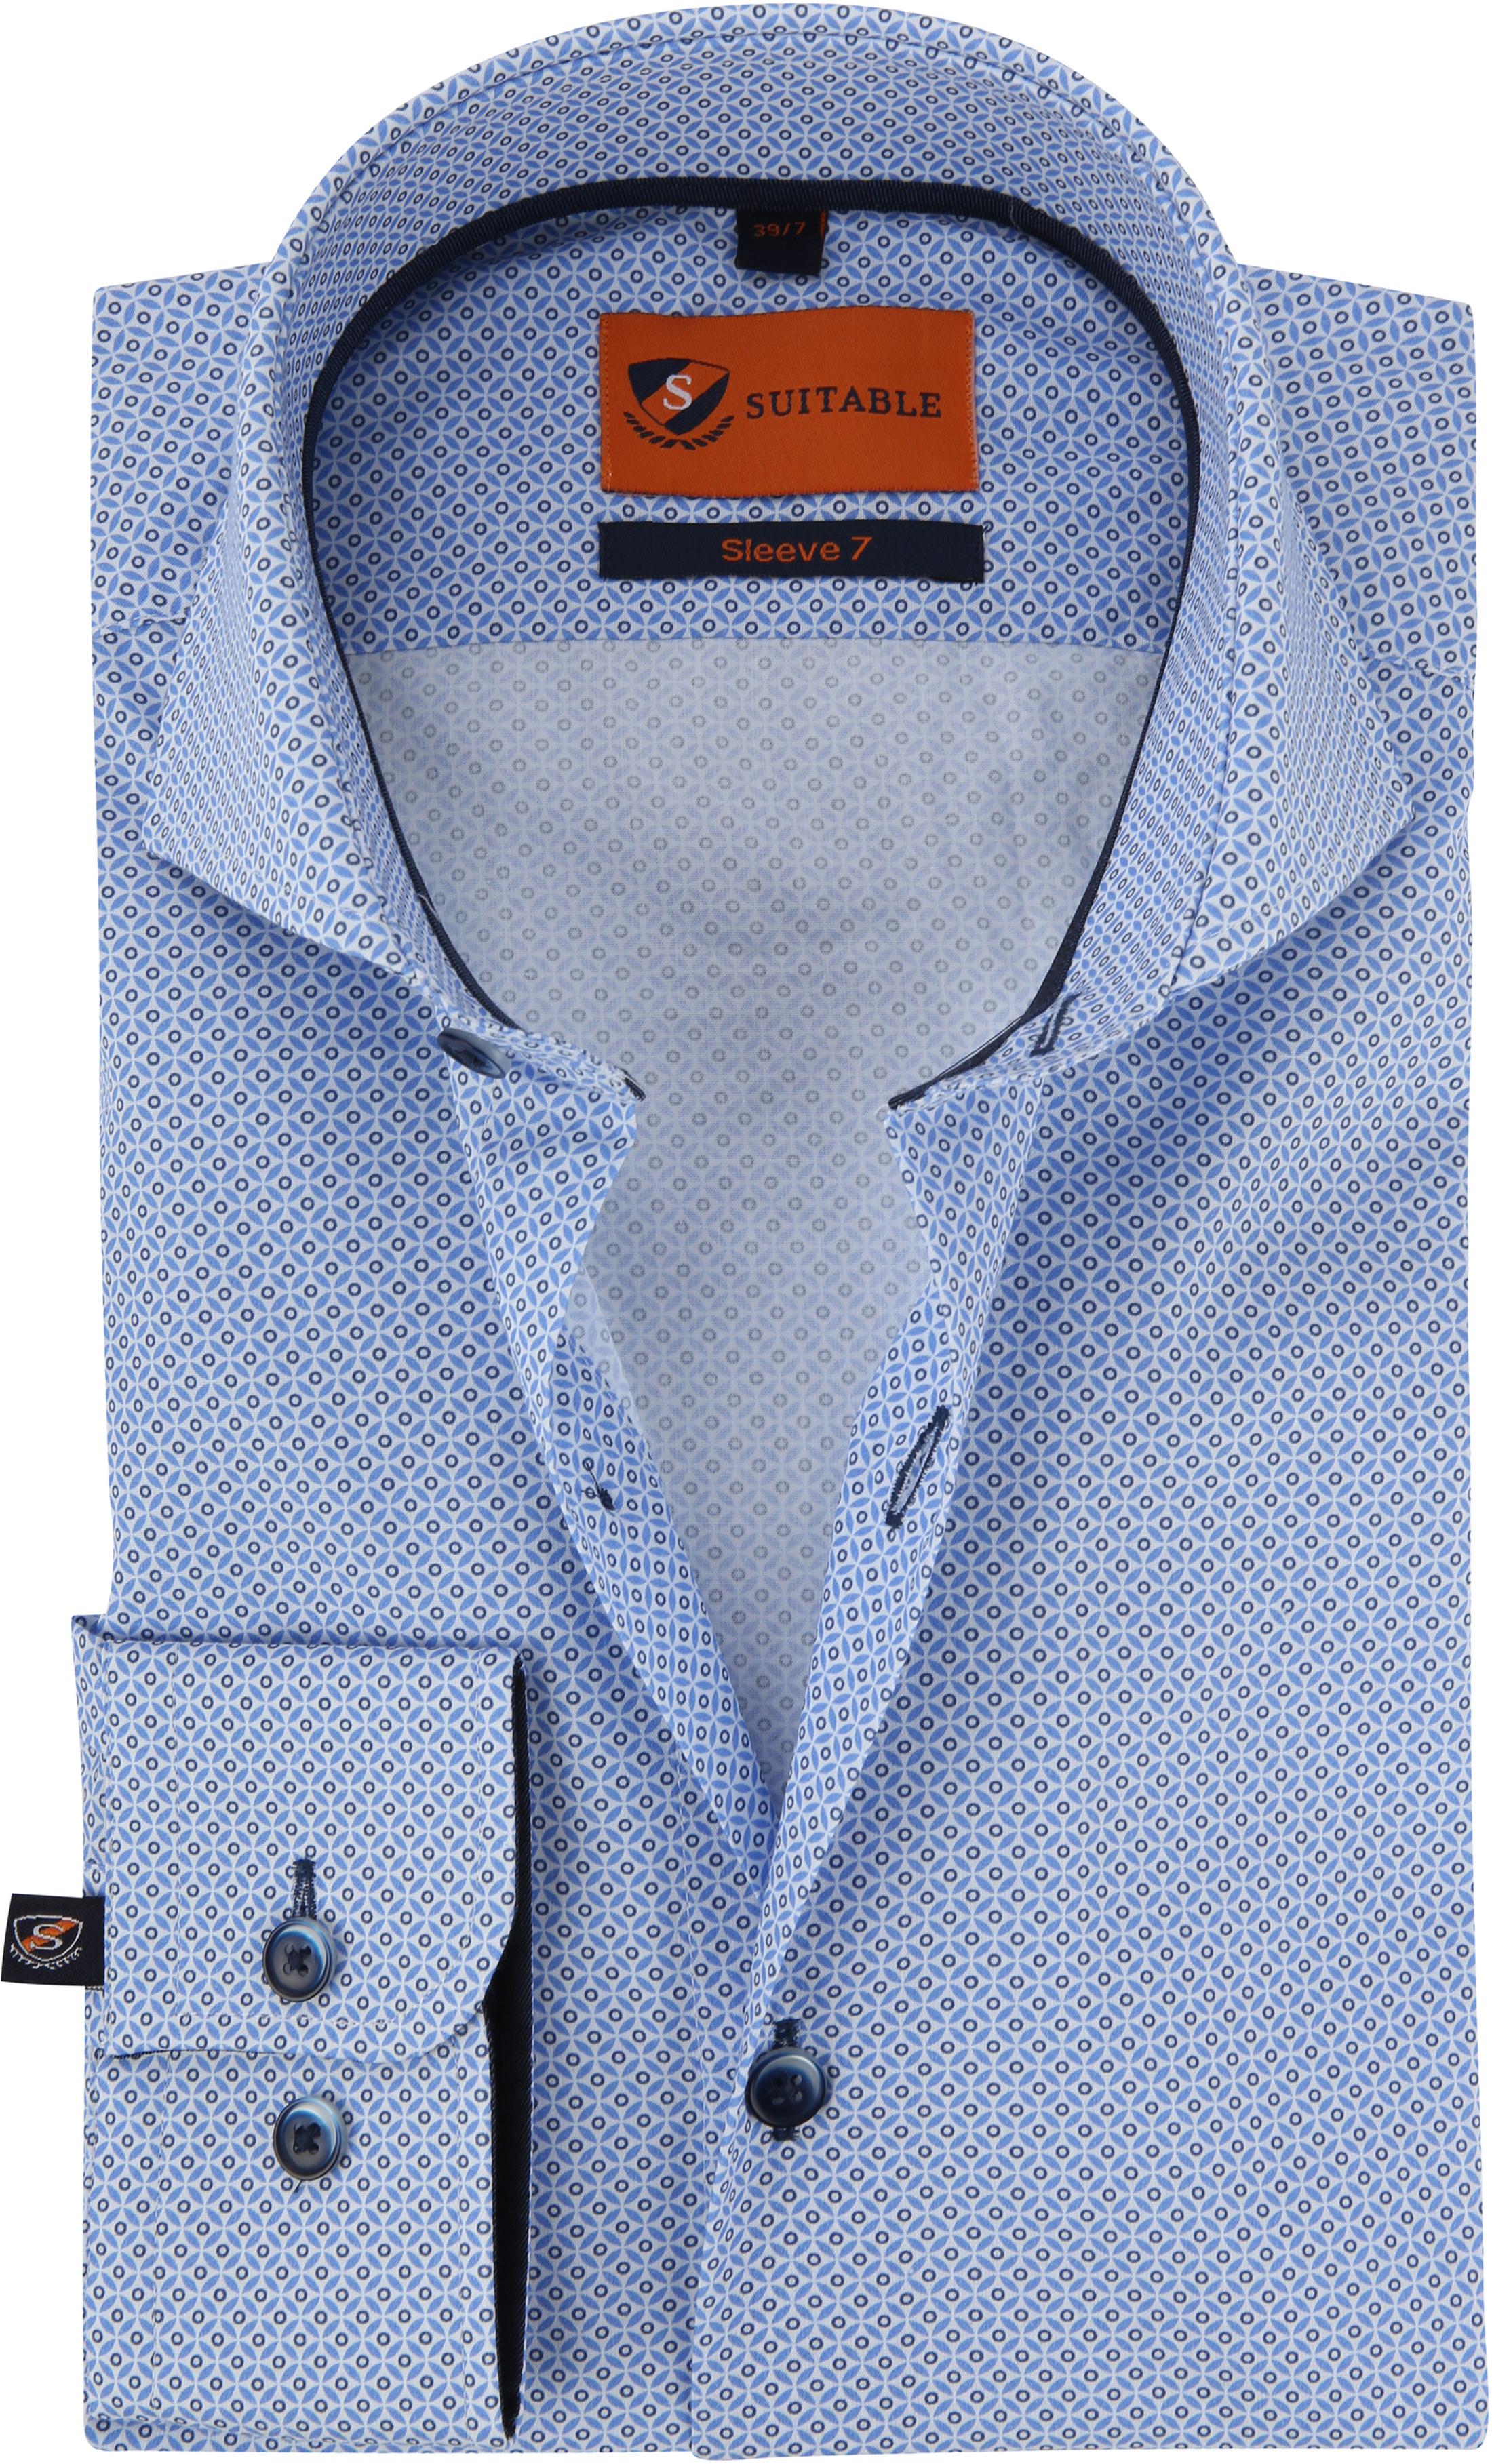 Suitable Overhemd SL7 Blauw foto 0